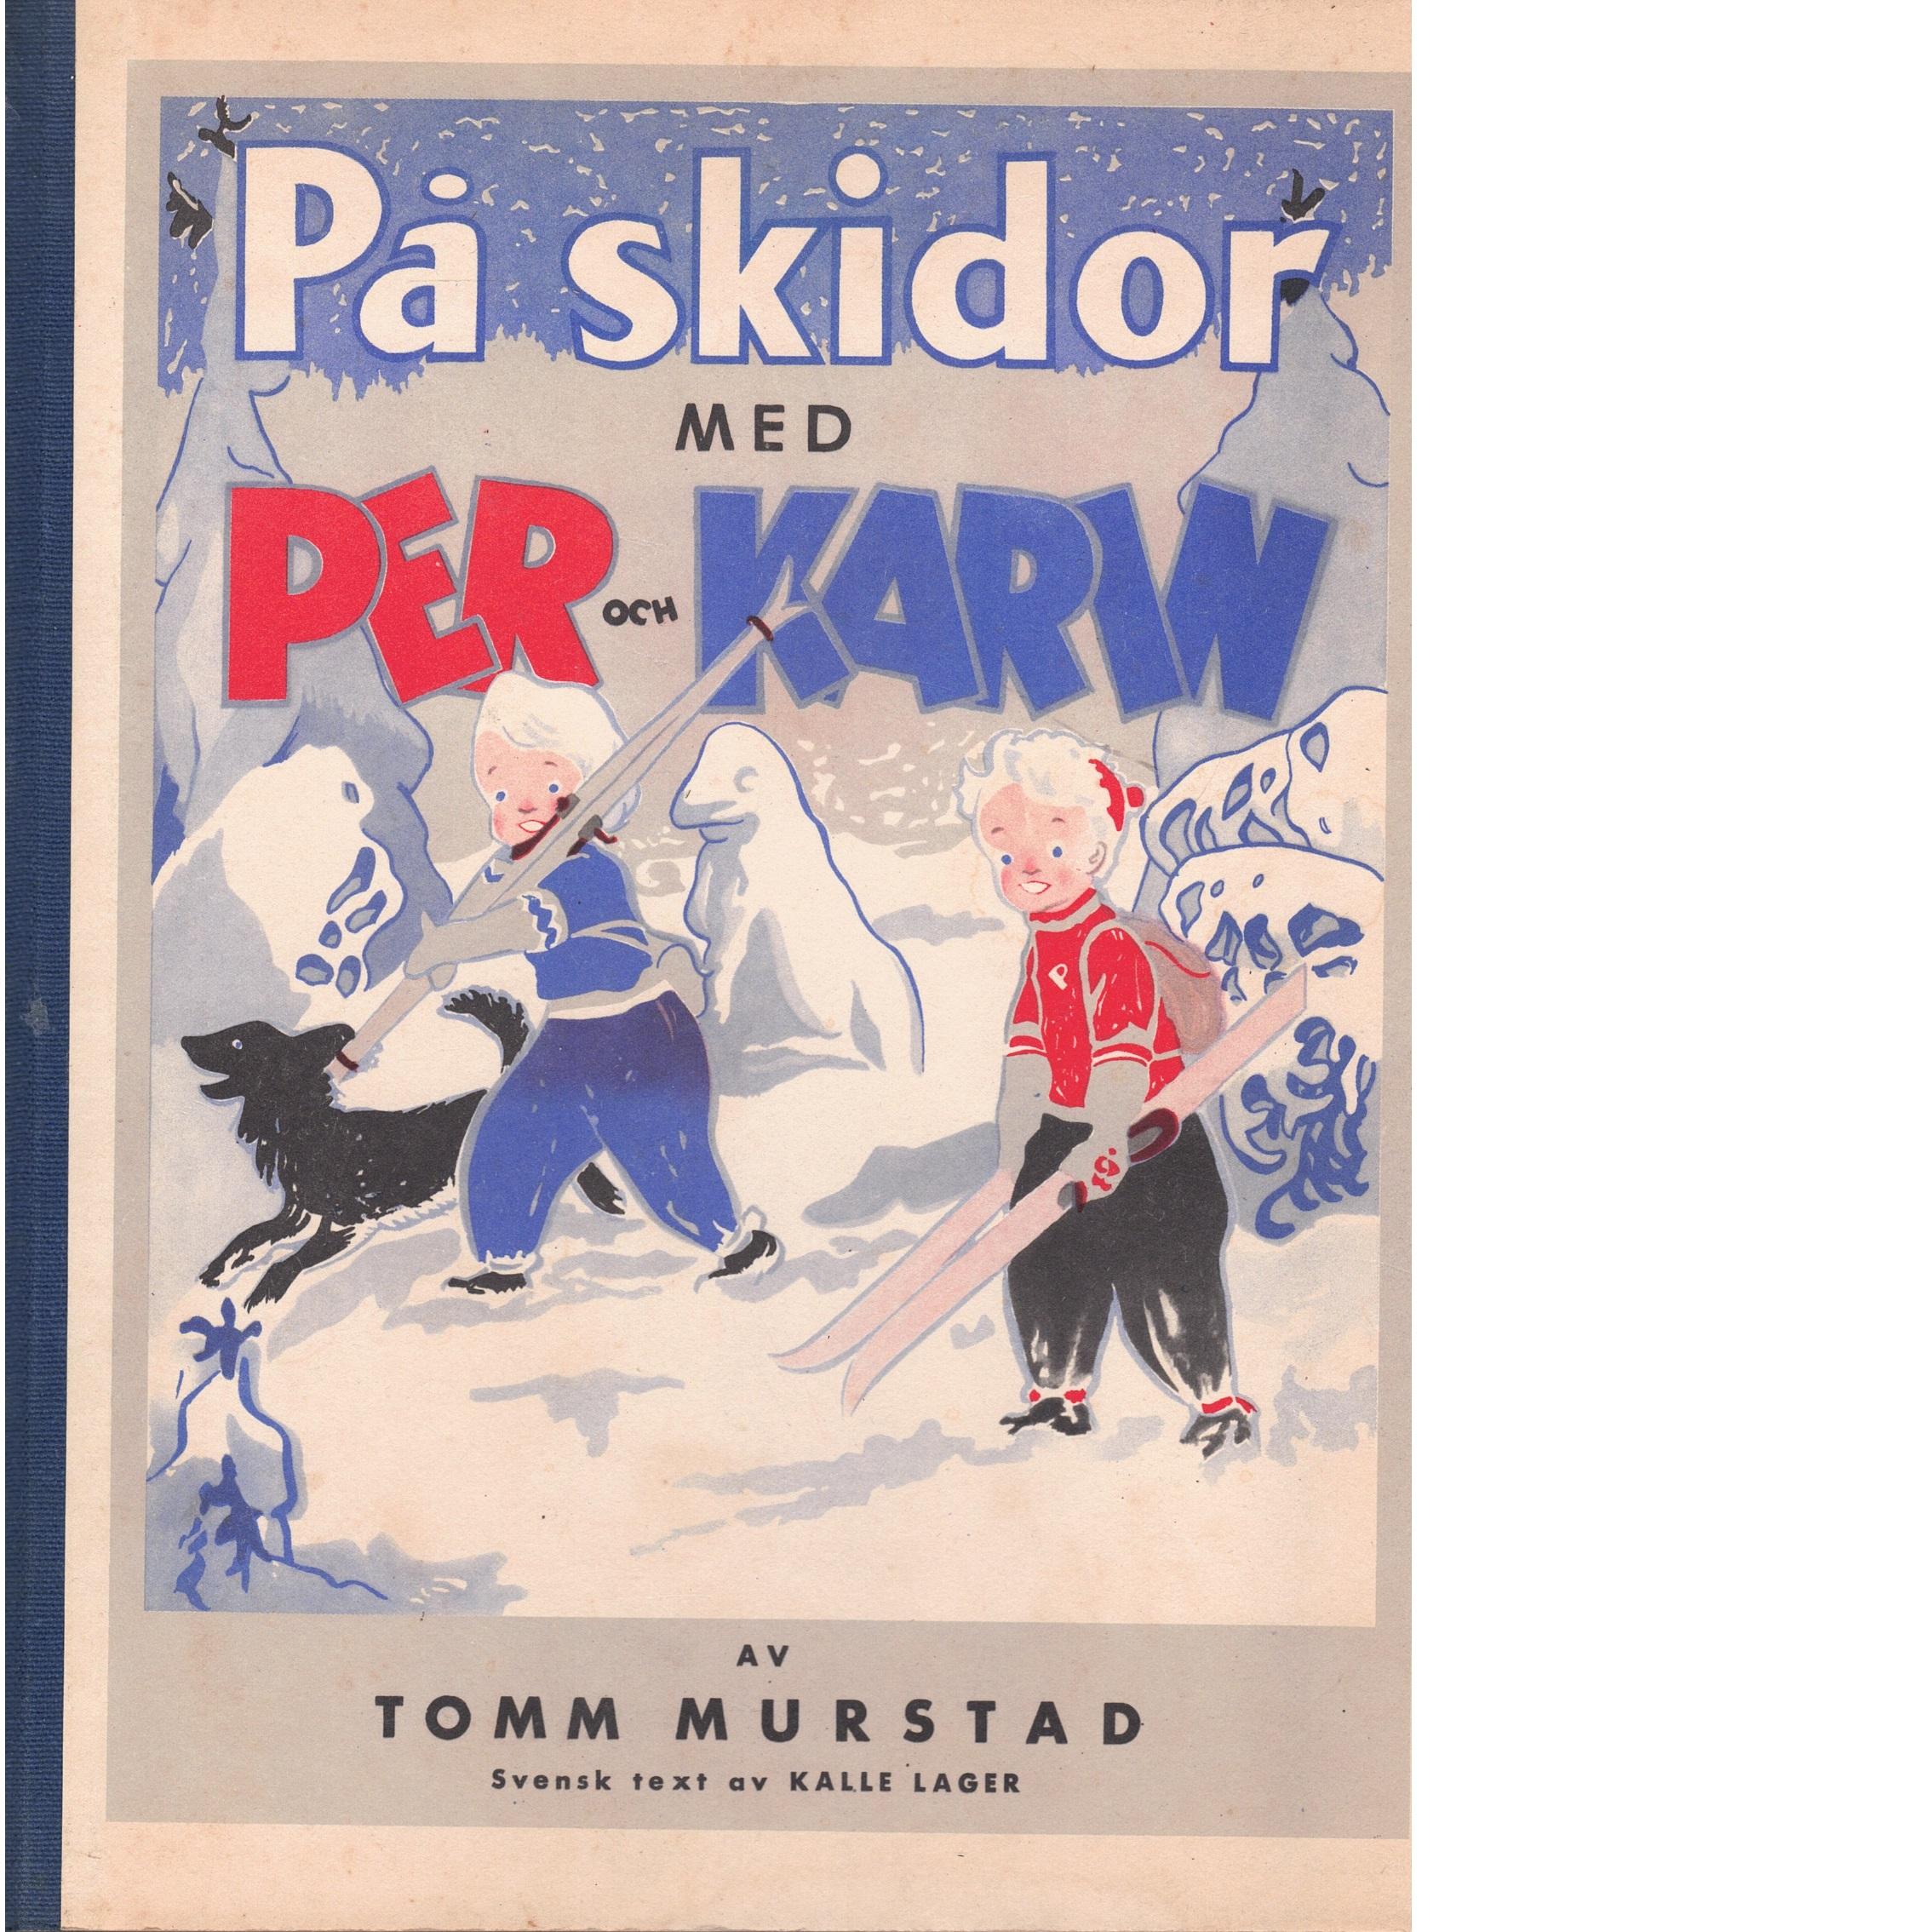 På skidor med Per och Karin - Murstad, Tomm